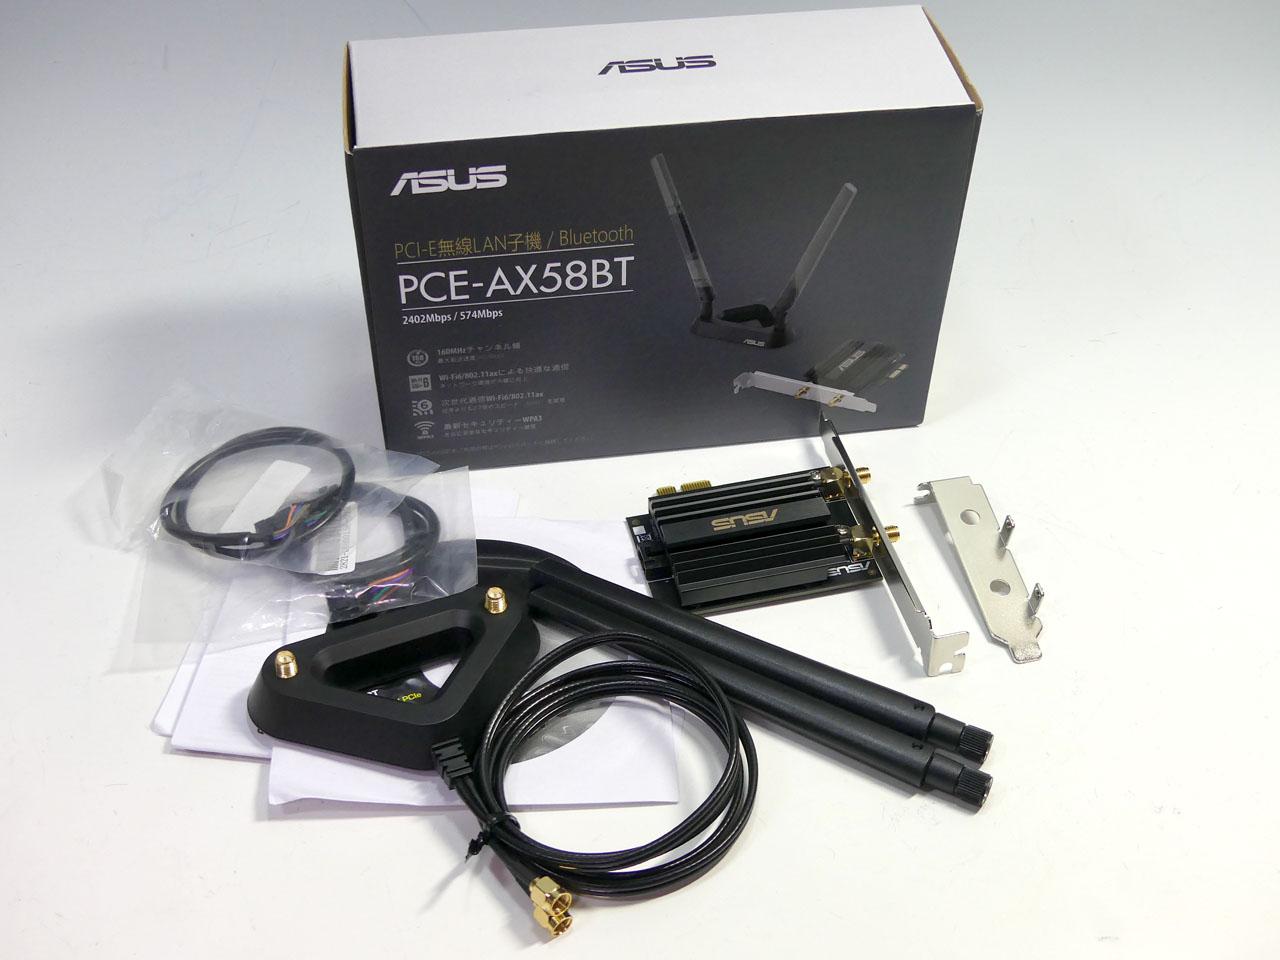 ASUSから発売されたPCIe x1接続のWi-Fi 6アダプタ「PCE-AX58BT」